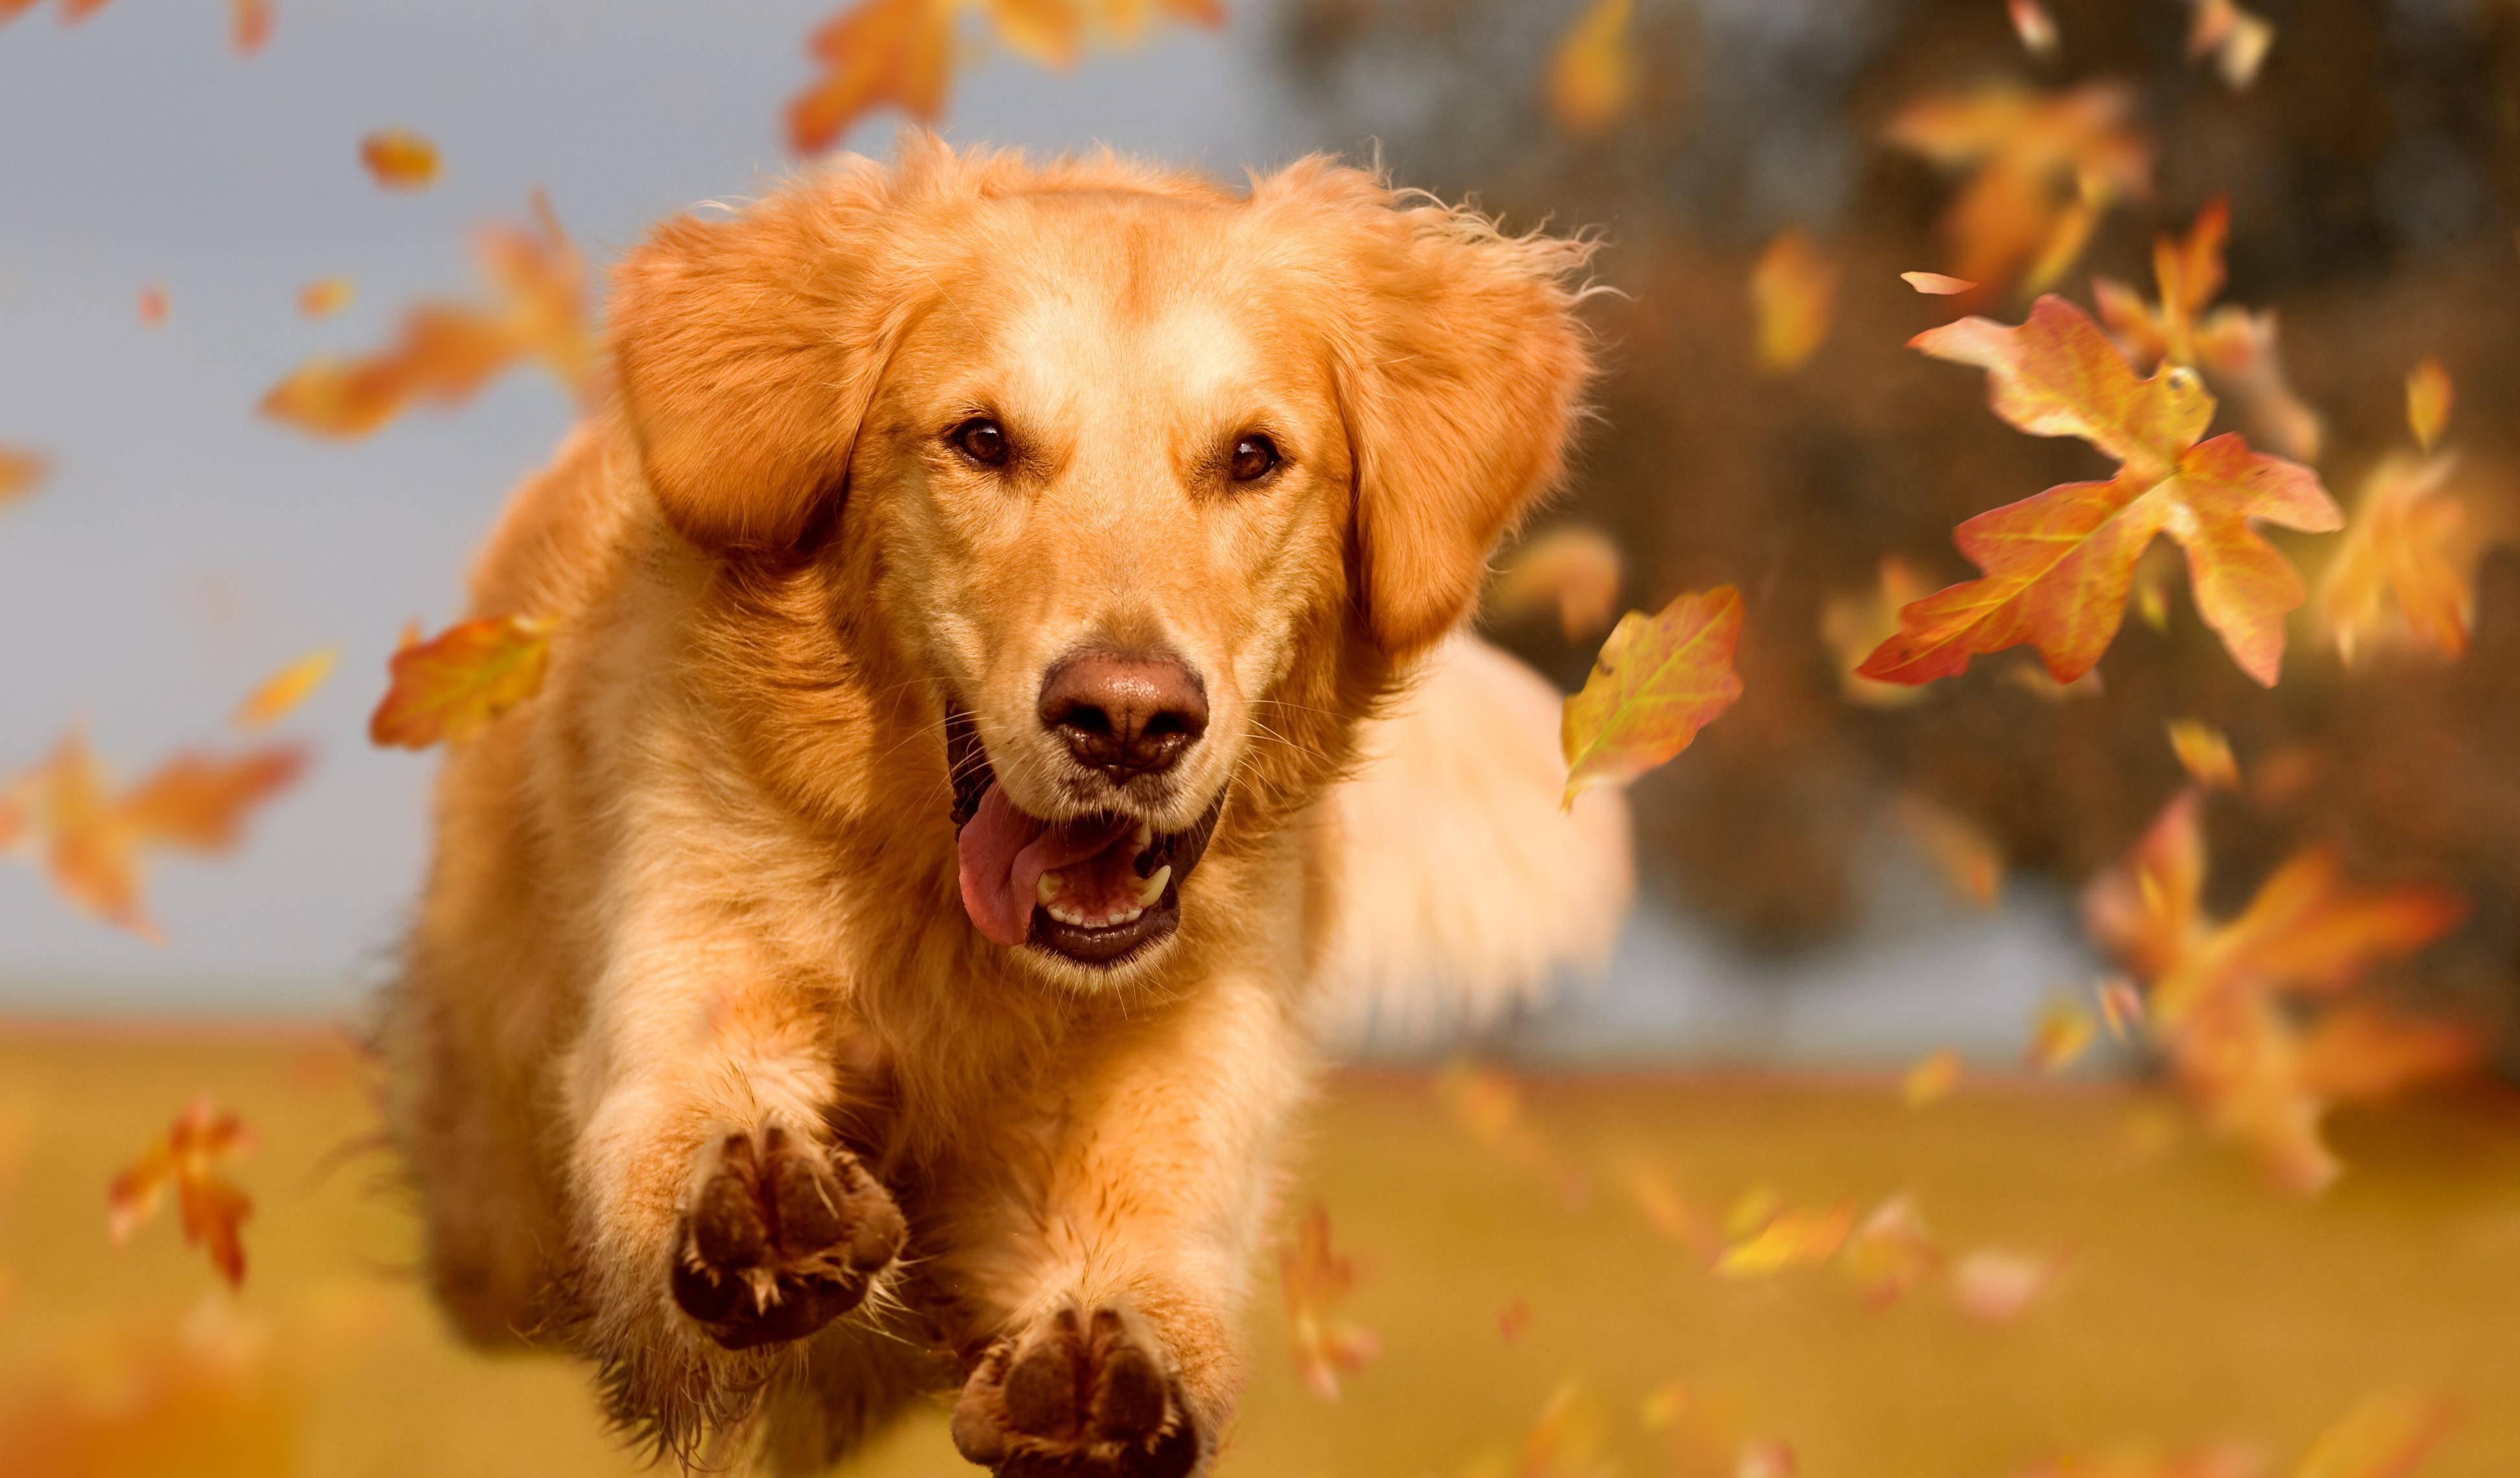 像狗一样的跪在主人前 还不像条狗一样爬过来